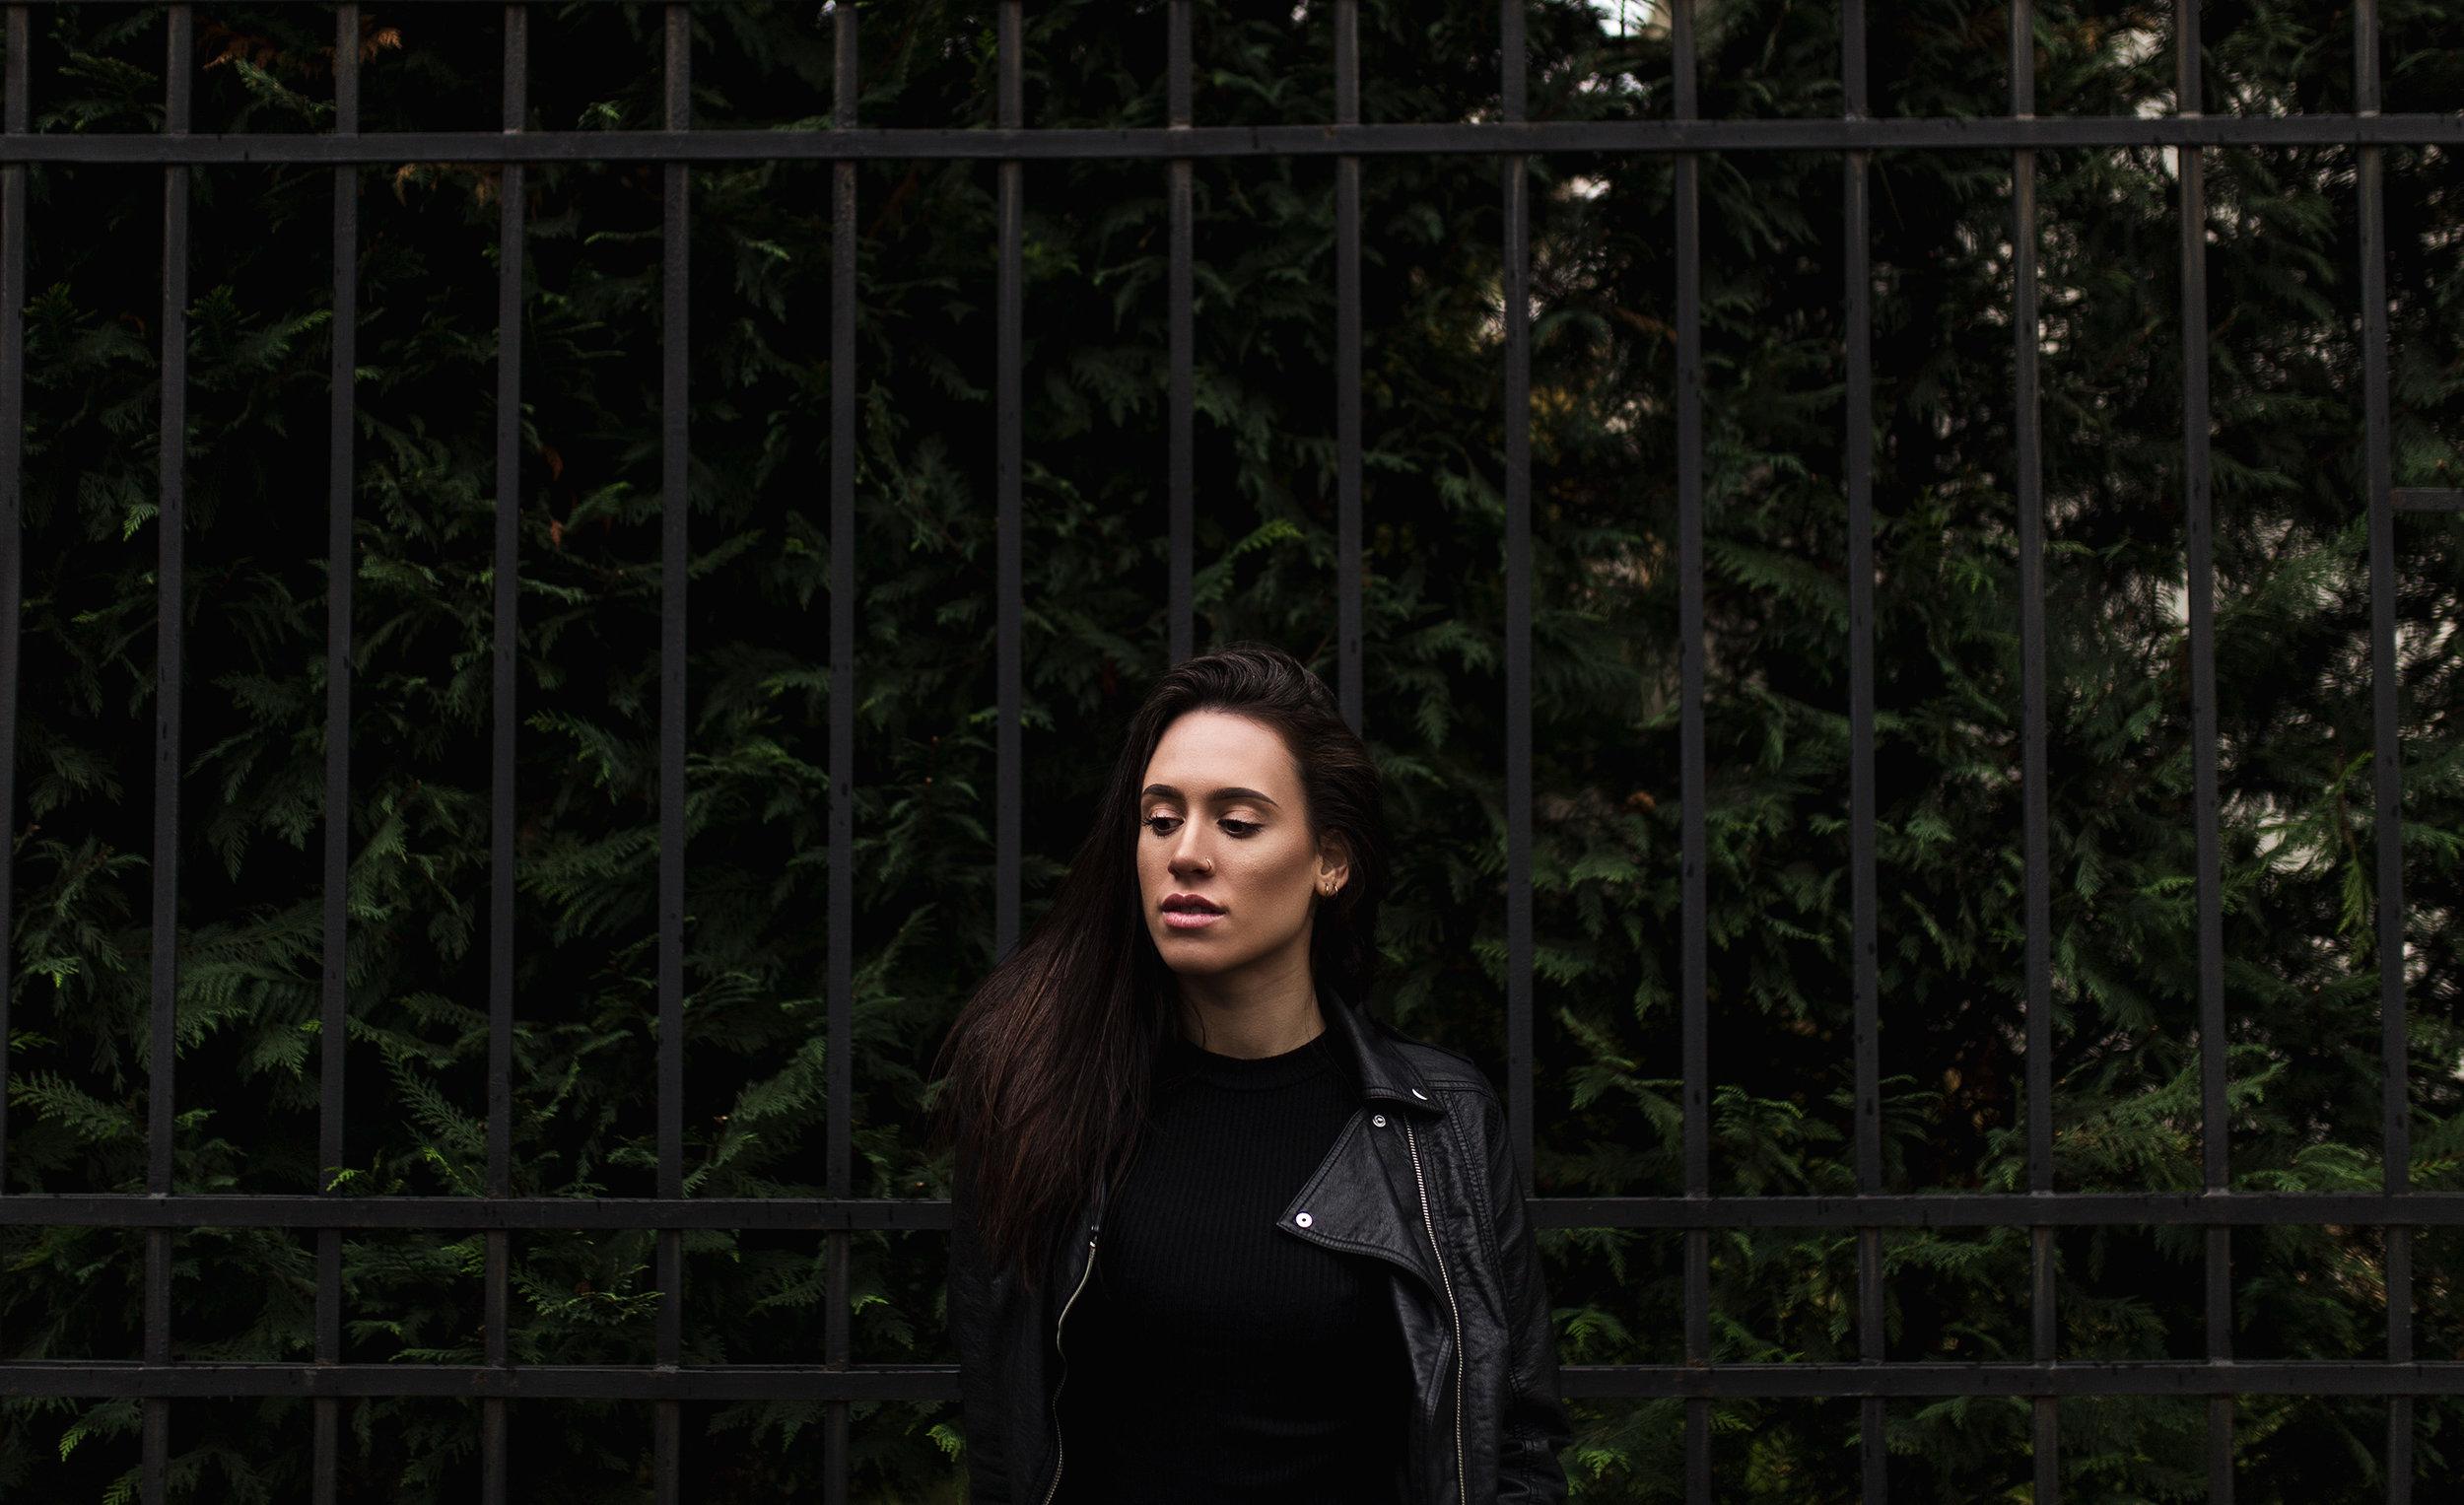 Tamara portré fotó Budapest. 5